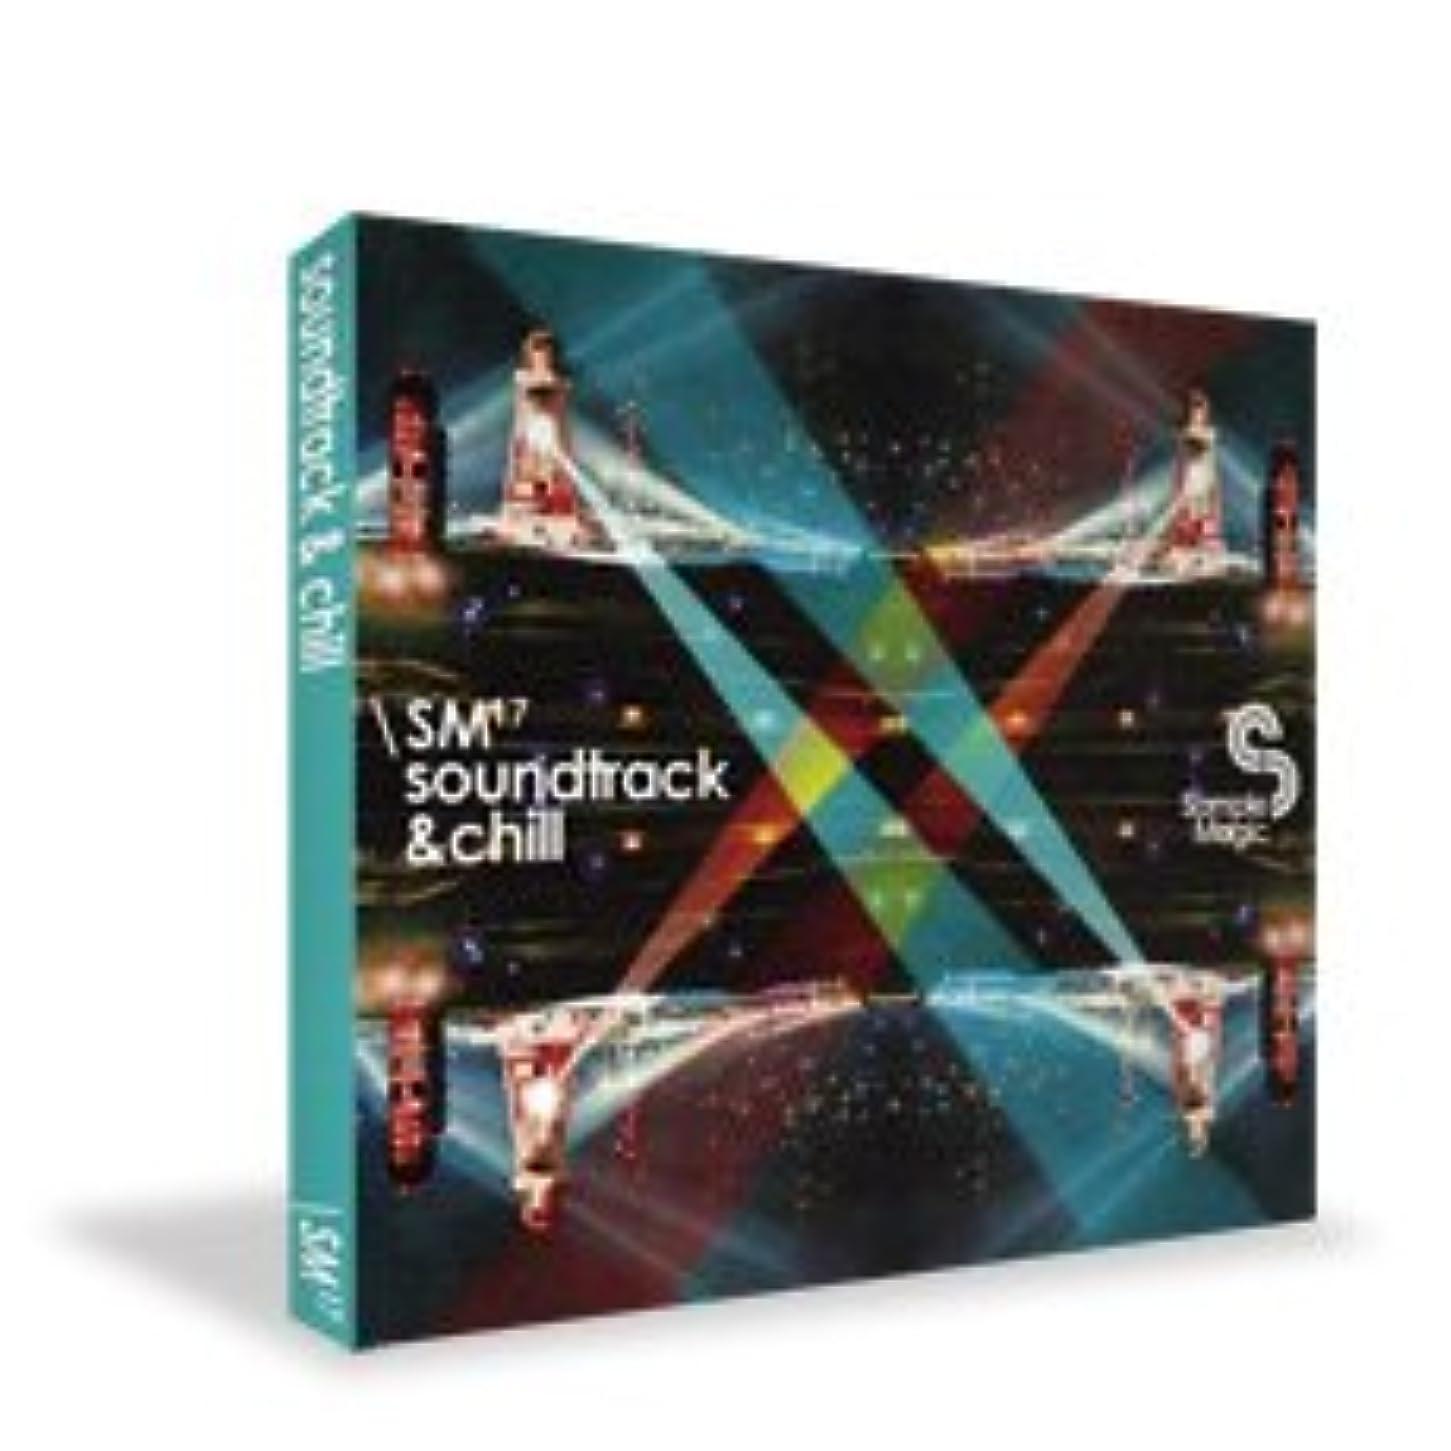 ドナー帰する確率SAMPLE MAGIC SM17 SOUNDTRACK & CHILL  ◆シネマチック音源◆並行輸入品◆